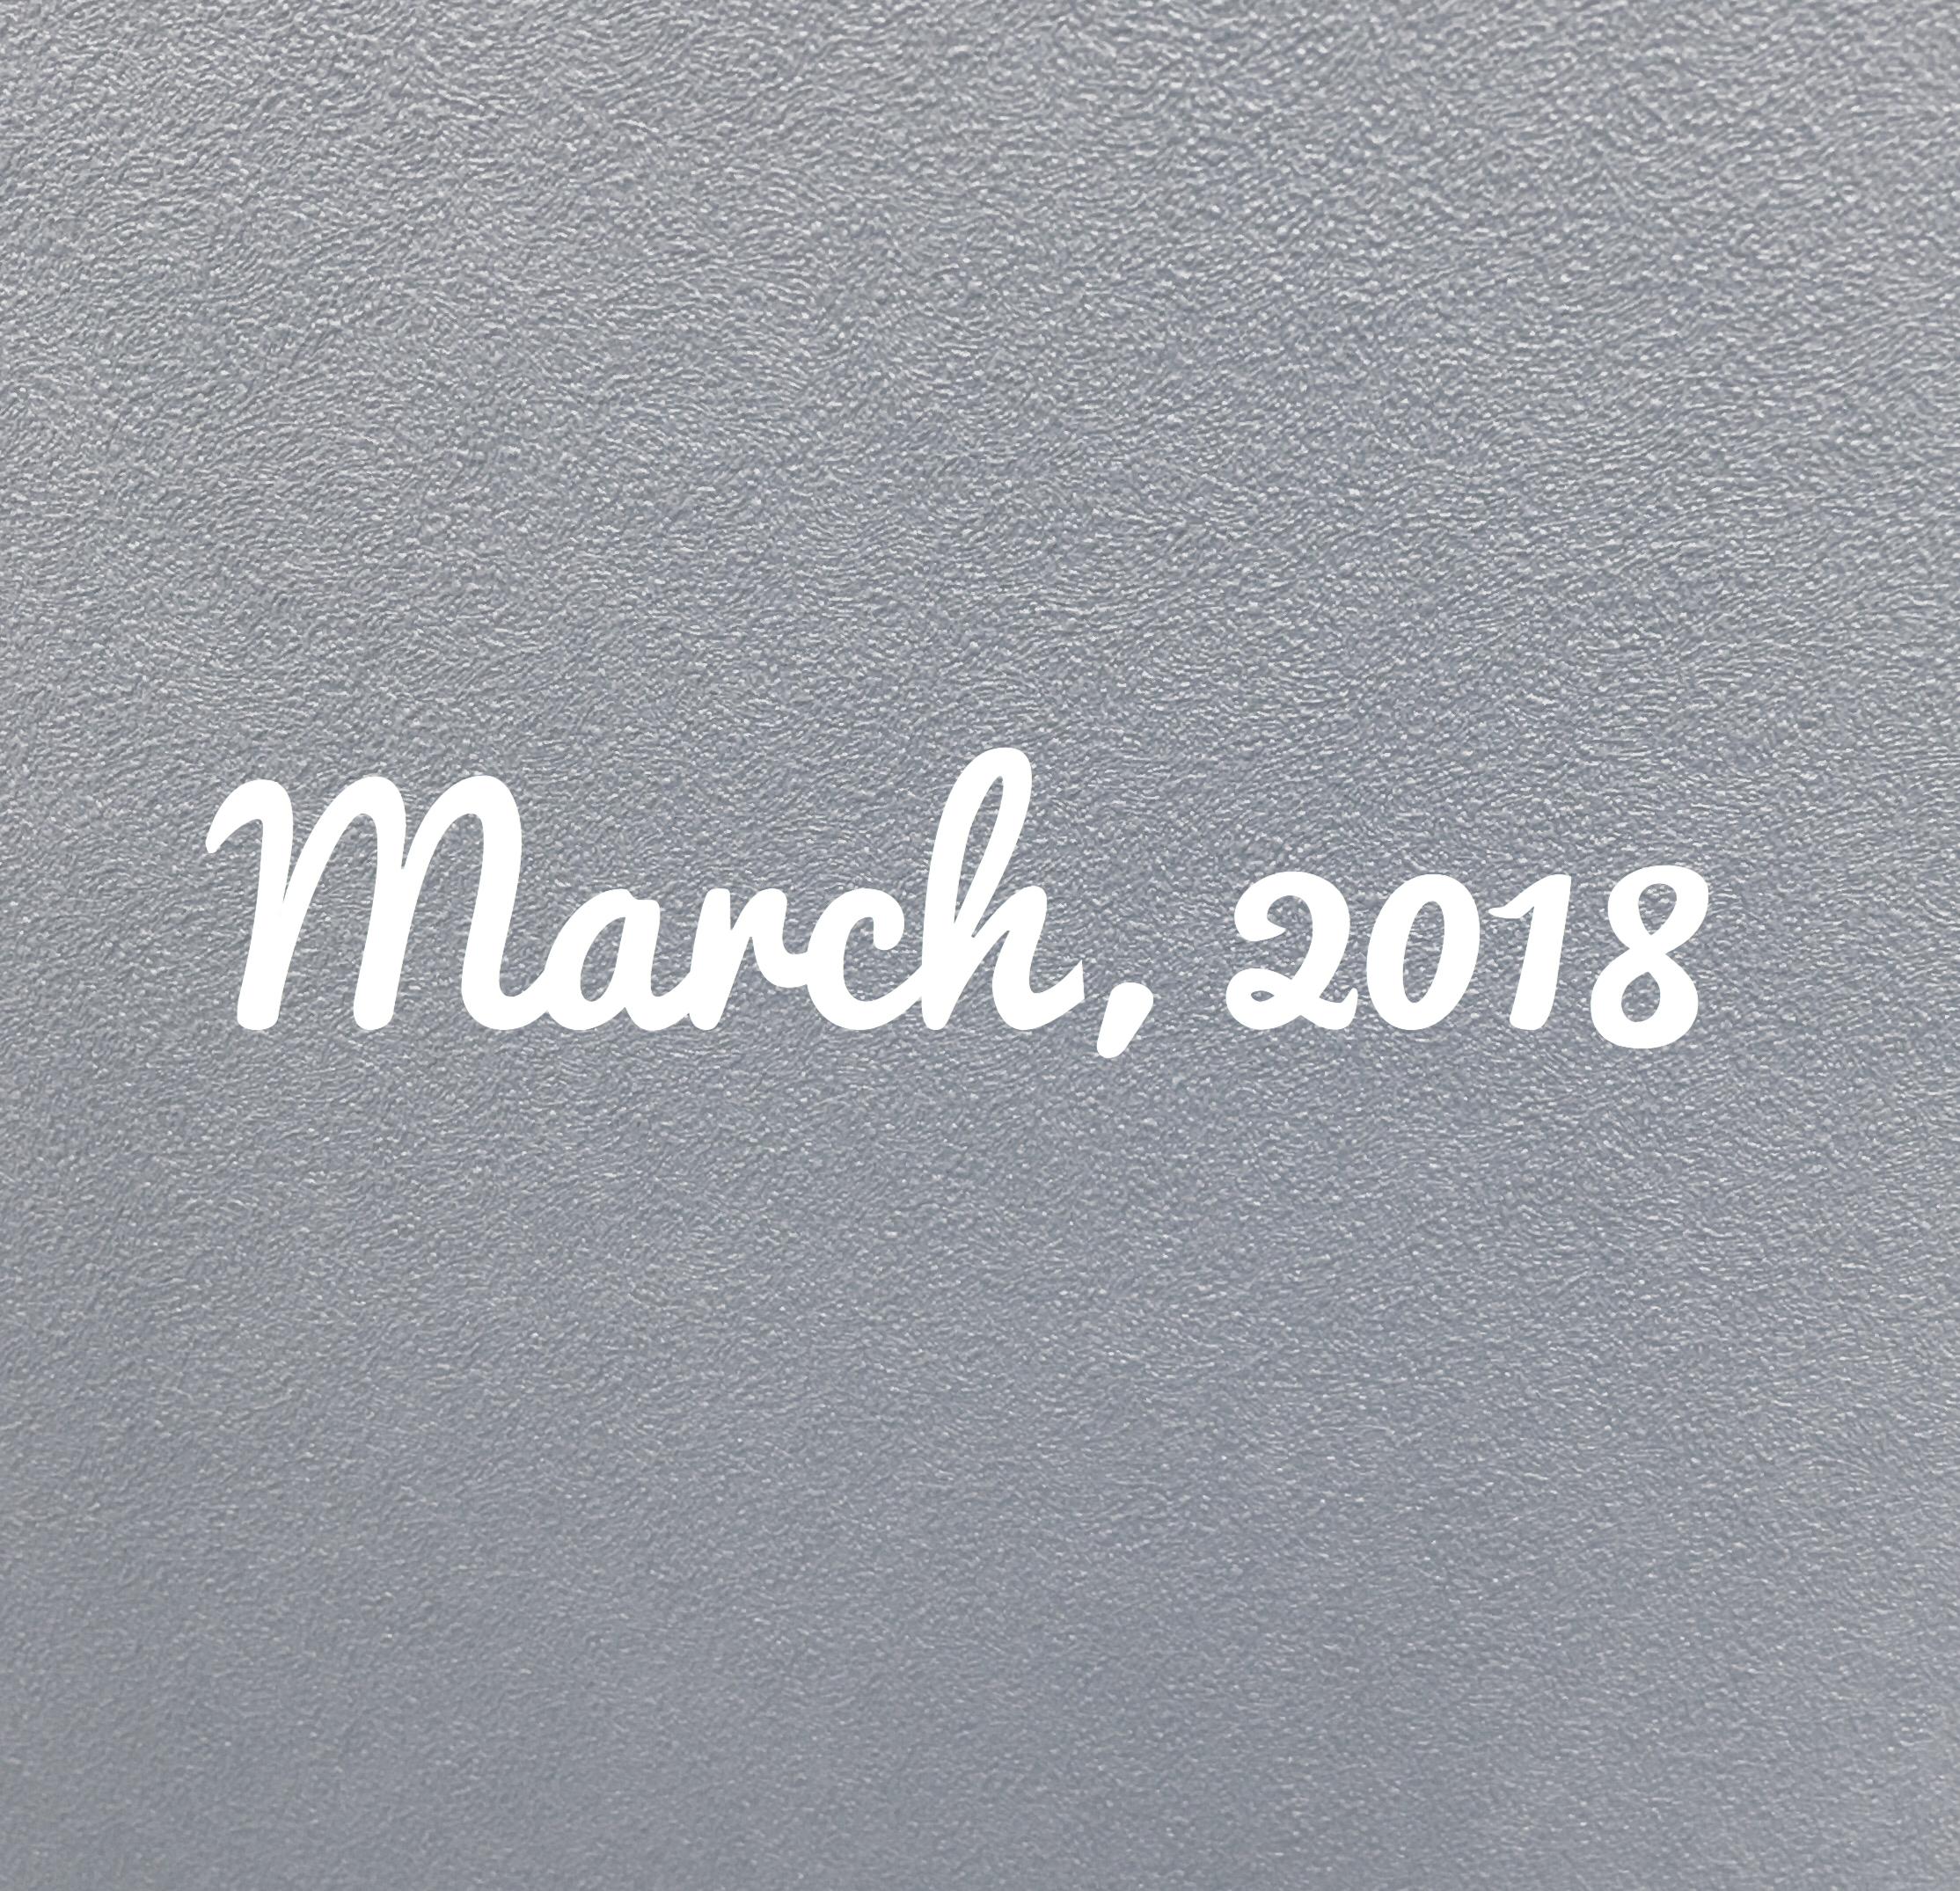 ★月はじめ★3月の目標とDIYした壁紙の糊残りを取る方法